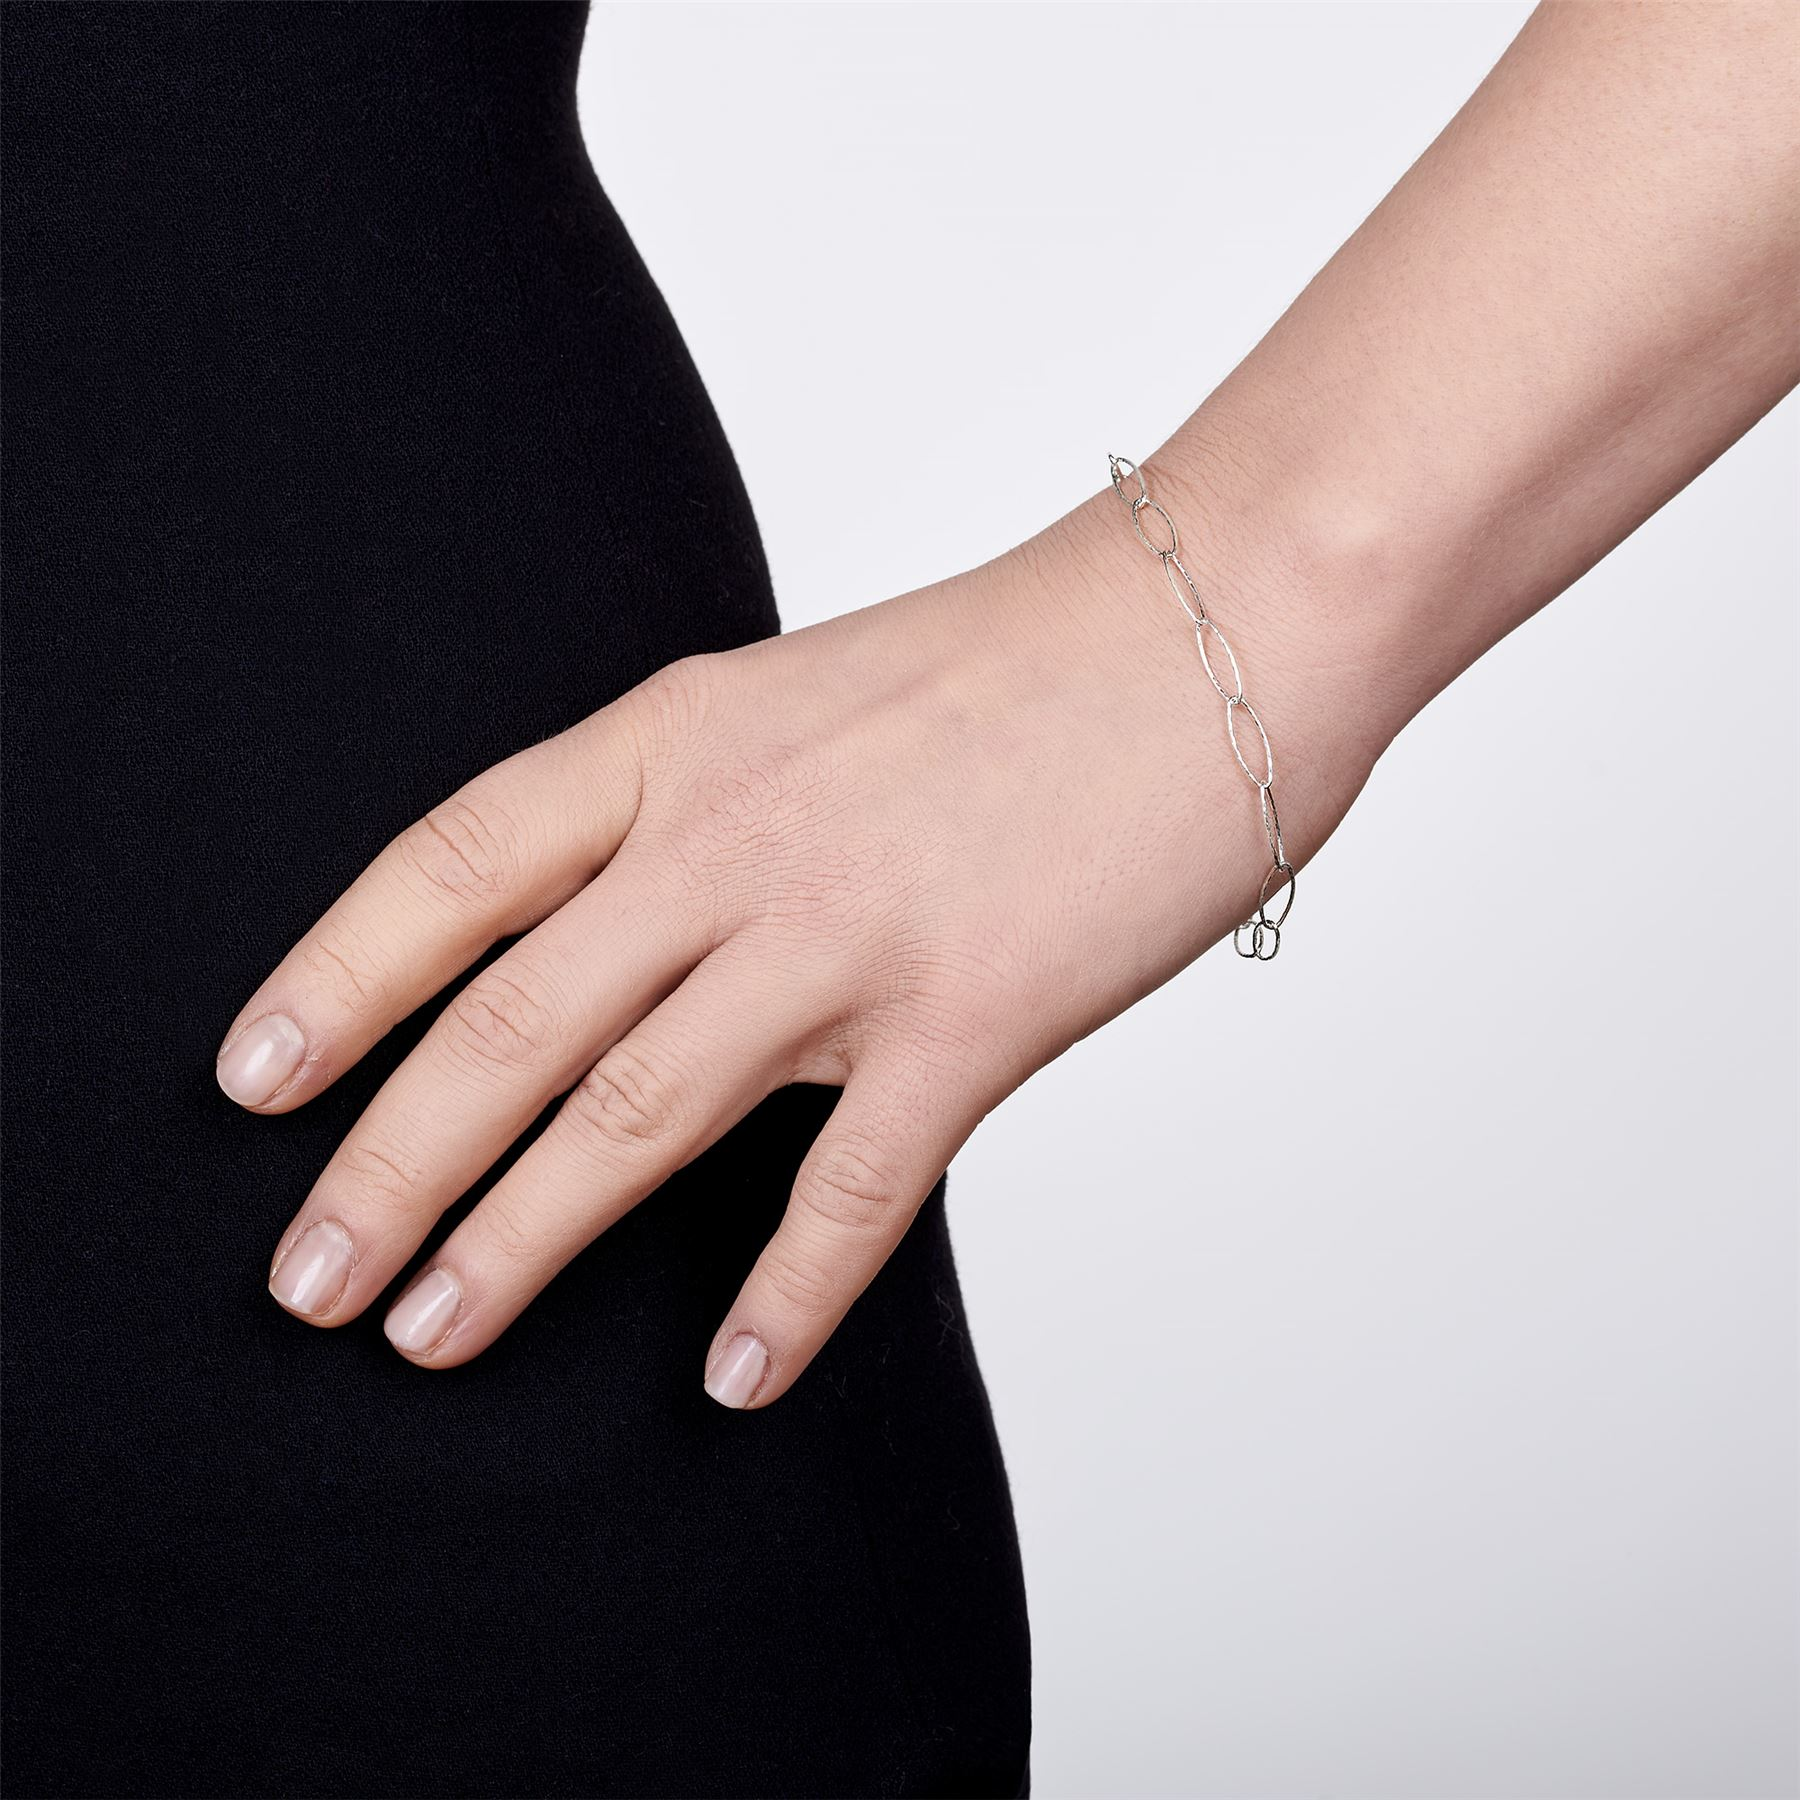 Amberta-Bijoux-Bracelet-en-Vrai-Argent-Sterling-925-Chaine-pour-Femme-a-la-Mode thumbnail 111